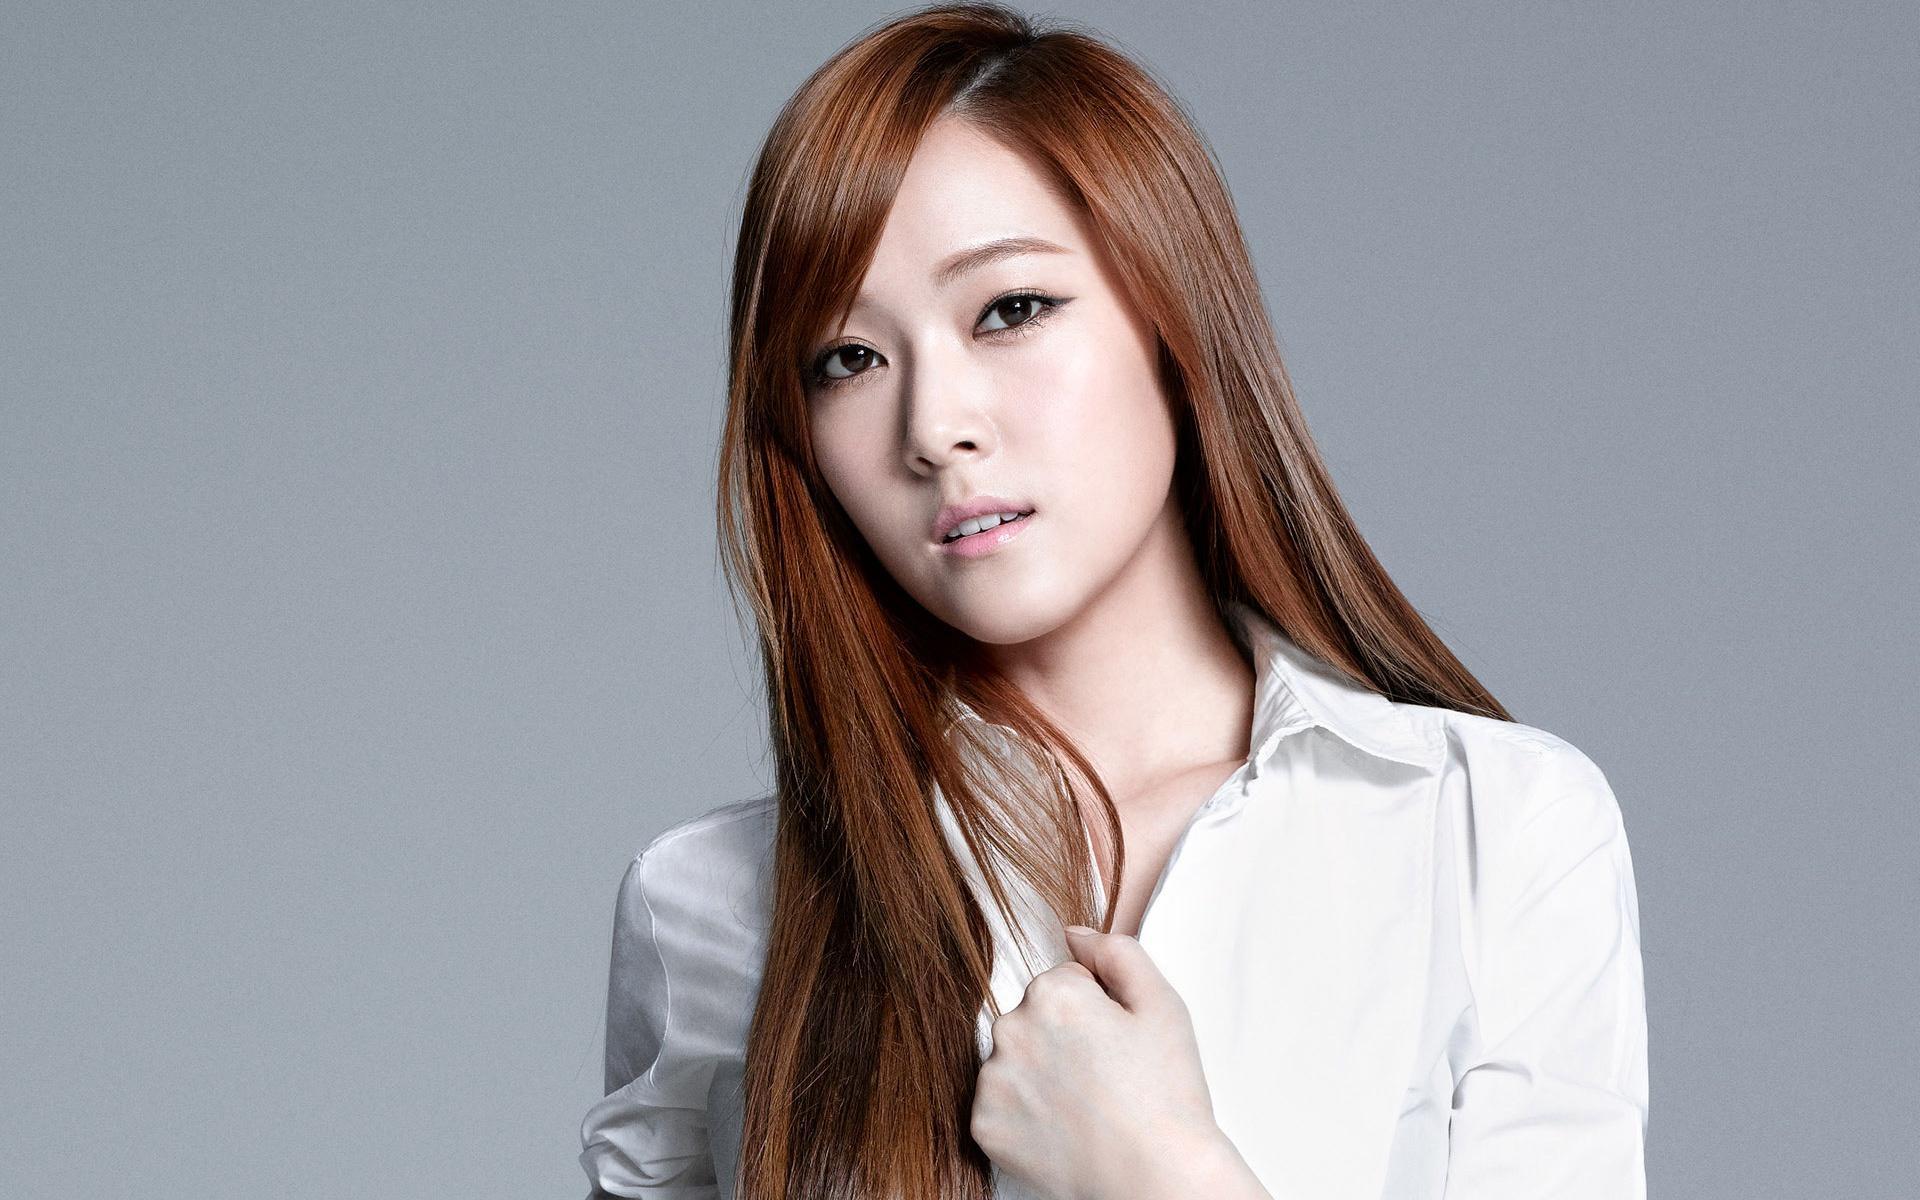 """Bí quyết làm trắng da """"thần tốc"""" từ các ngôi sao Hàn Quốc"""